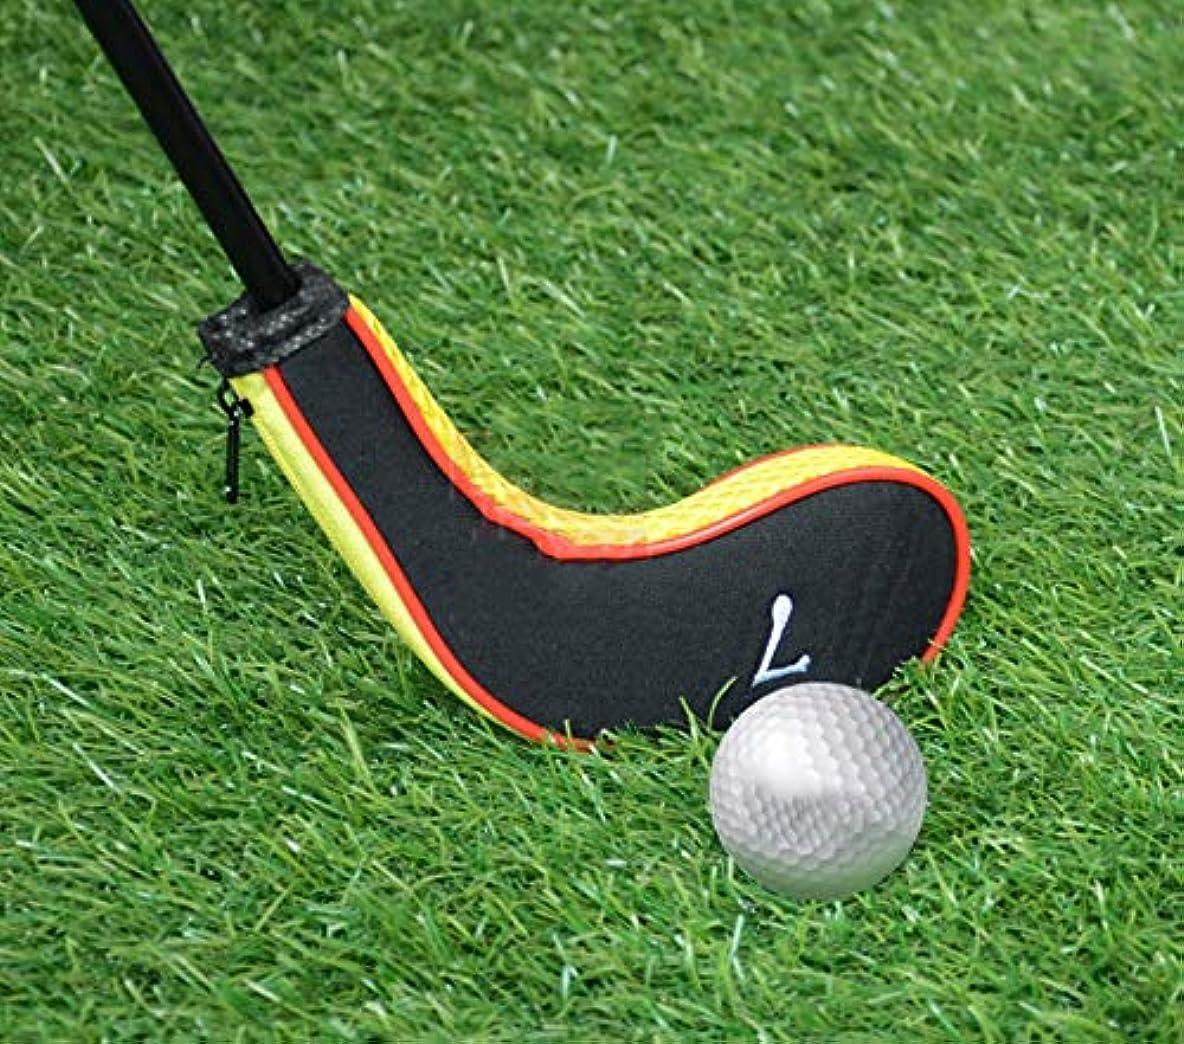 ふざけたイノセンス準備10ピースネオプレンゴルフクラブセットアイアンゴルフクラブヘッドカバー,Orange